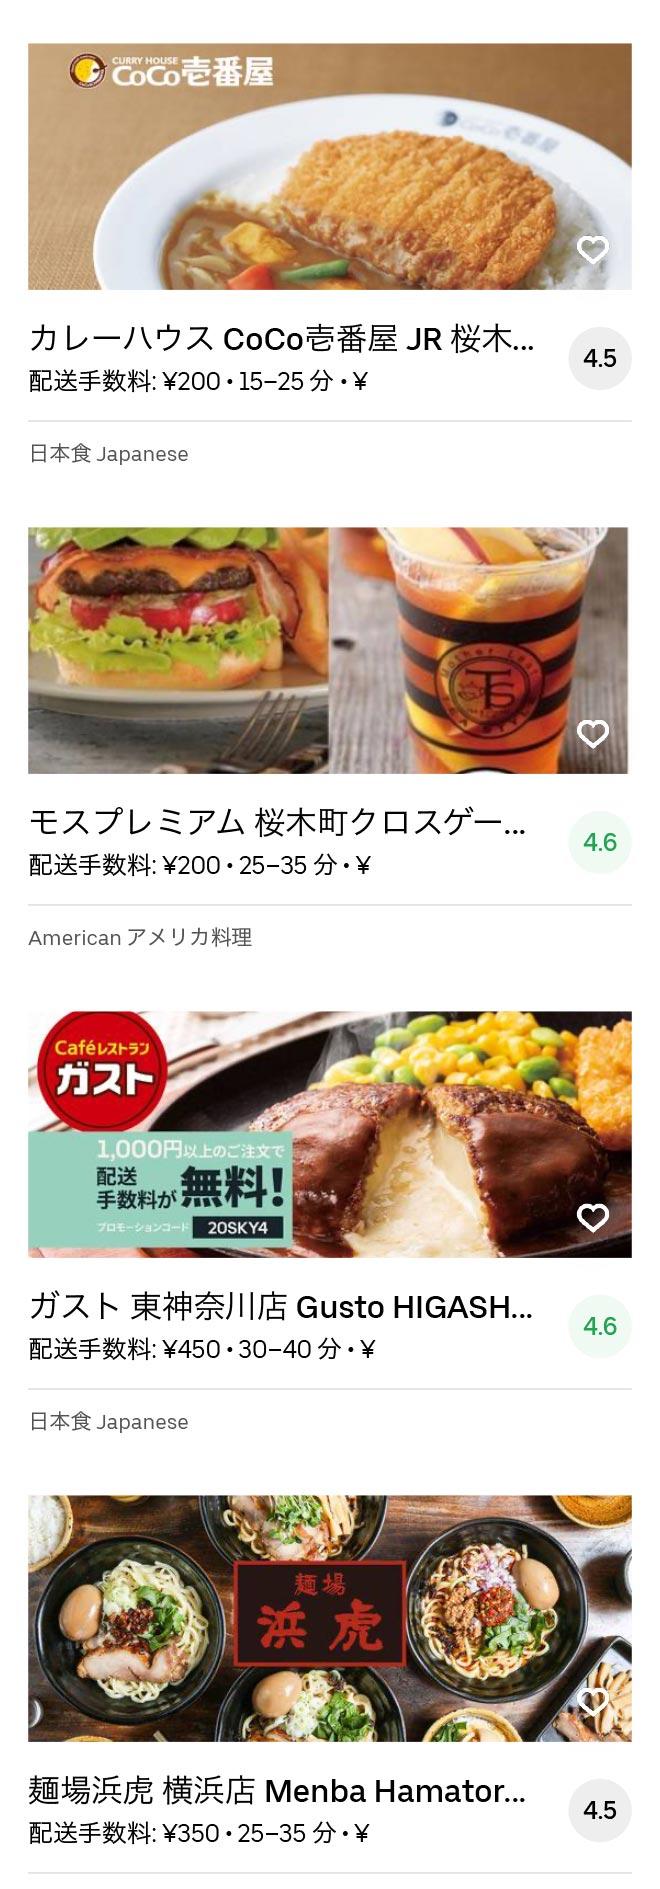 Yokohama ishikawacho menu 2004 11